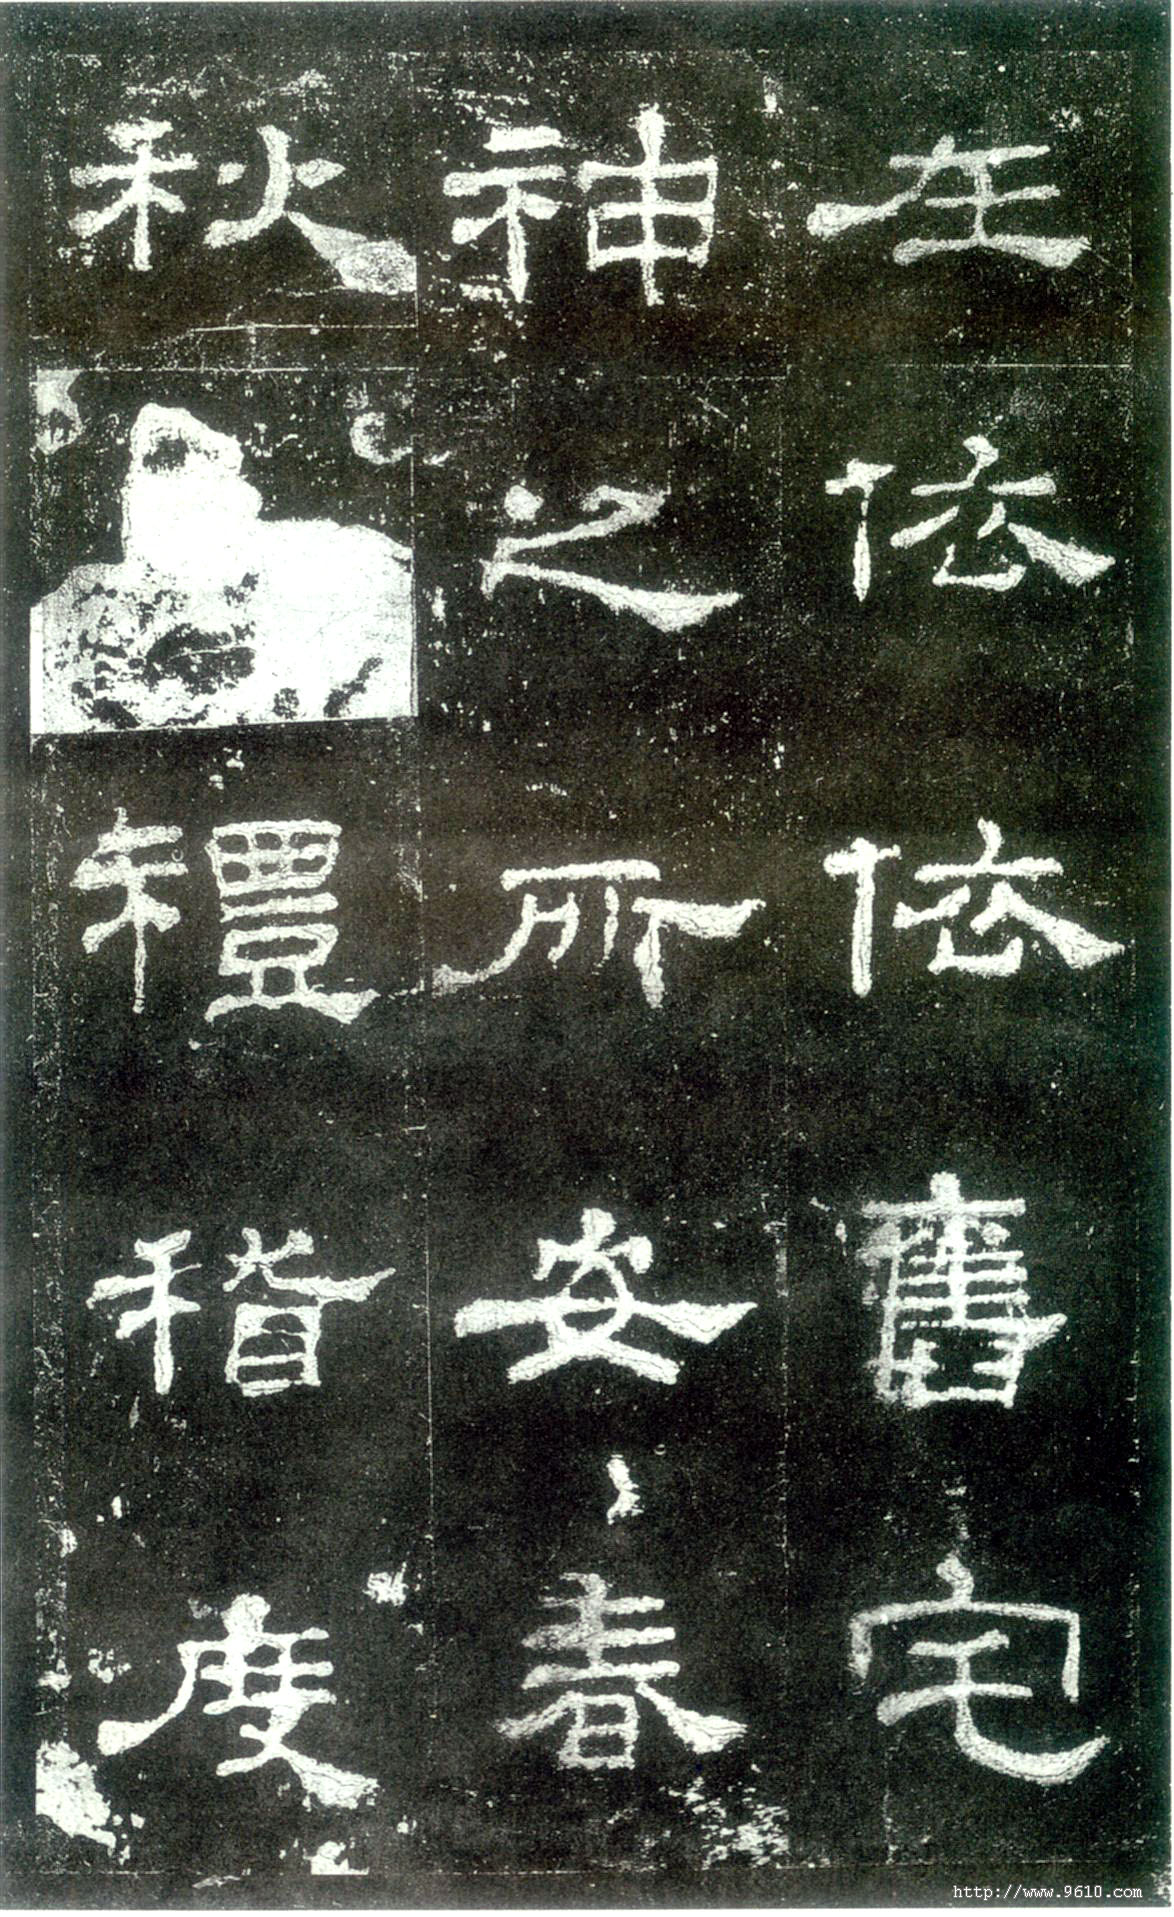 史晨后碑(全) - 香儿 - xianger